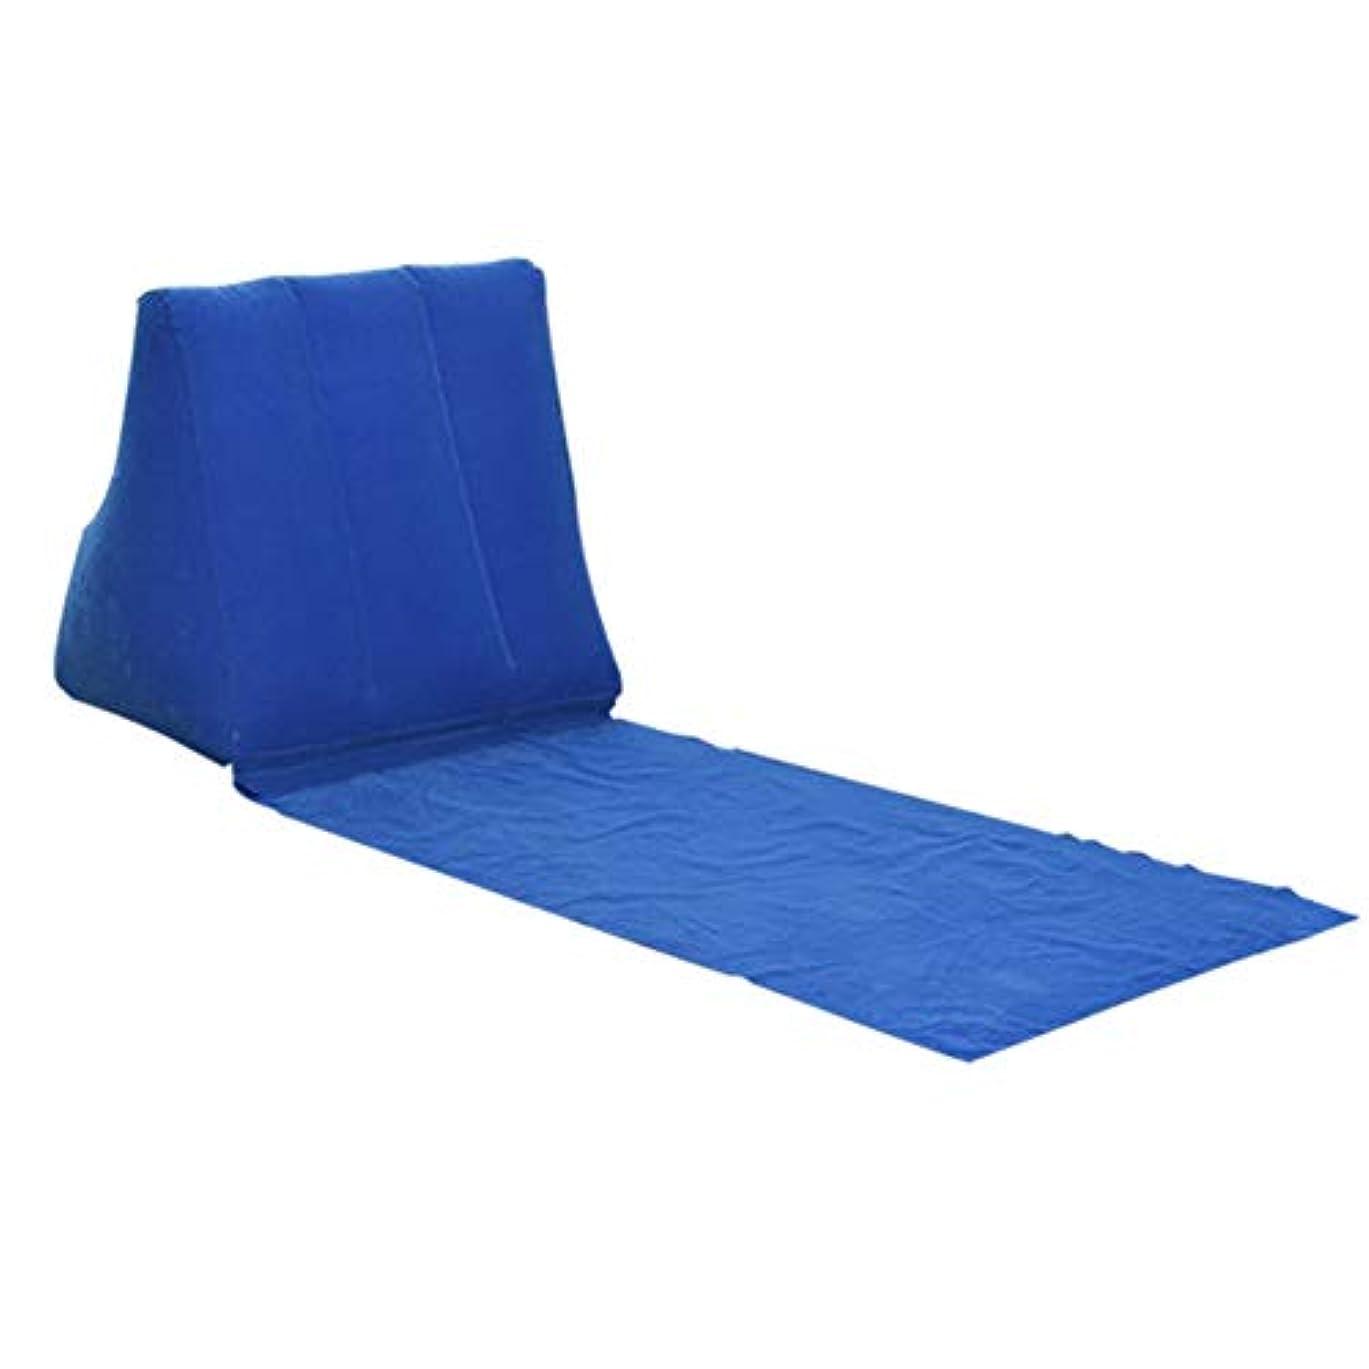 列車血色の良い慣性Lacyie pvcインフレータブル 三角枕 テレビ枕 エアークッション マット 携帯便利 日光浴 キャンプ 背中枕 クッション 椅子